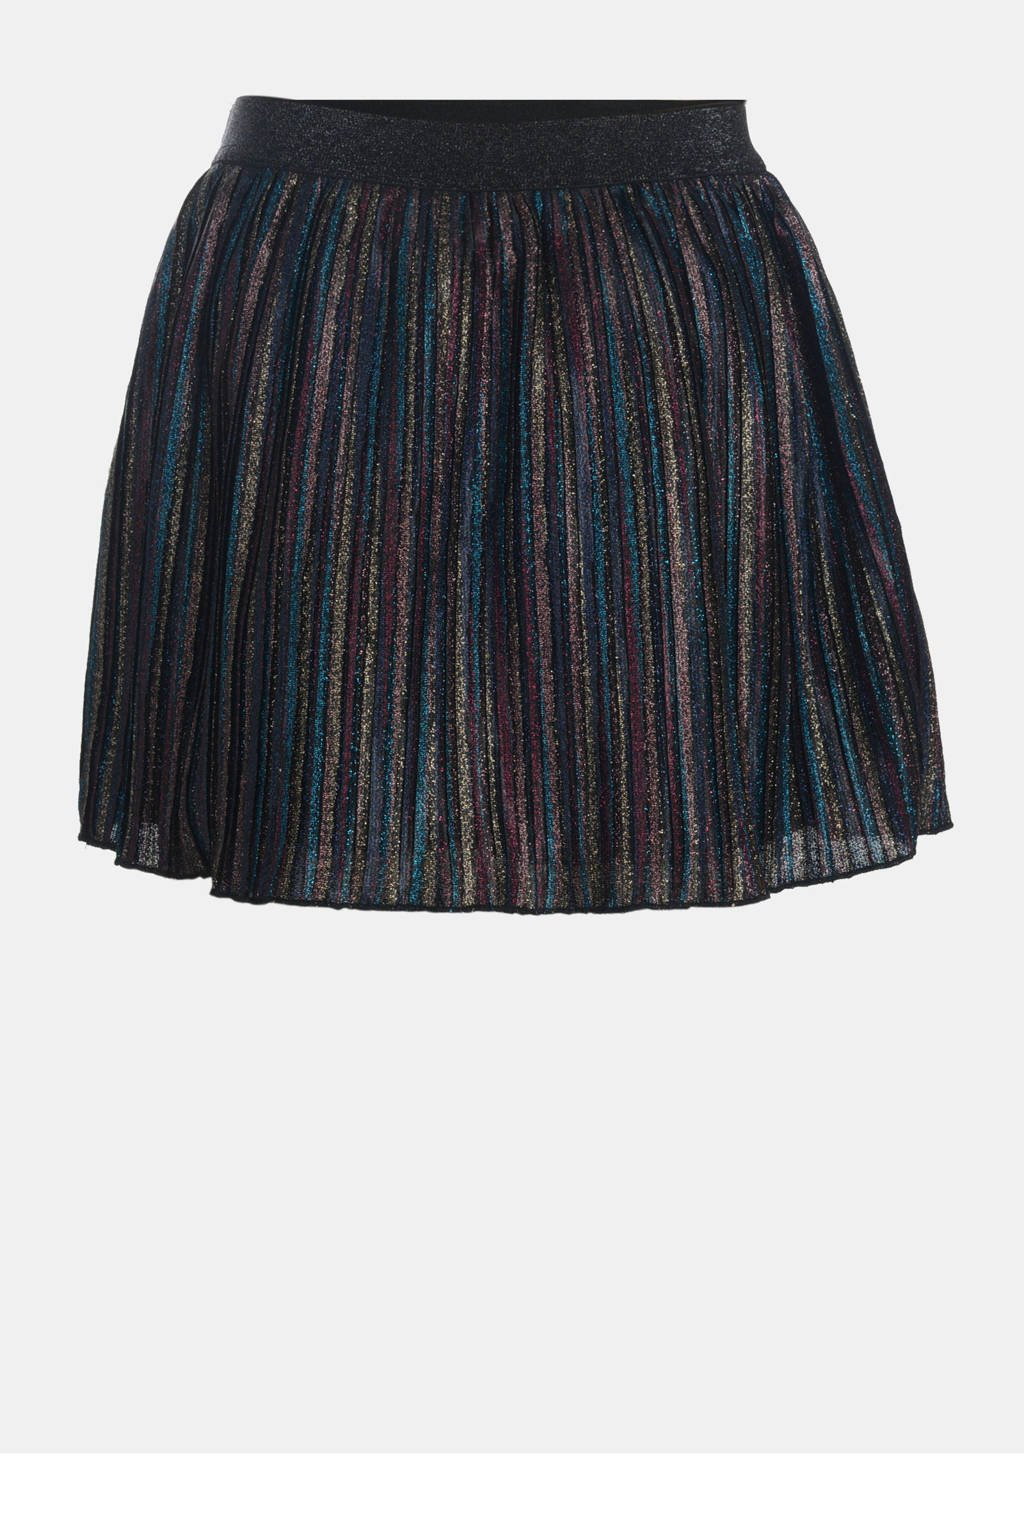 JILL MITCH semi-transparante rok Titter met glitters donkerblauw/multi, Donkerblauw/multi